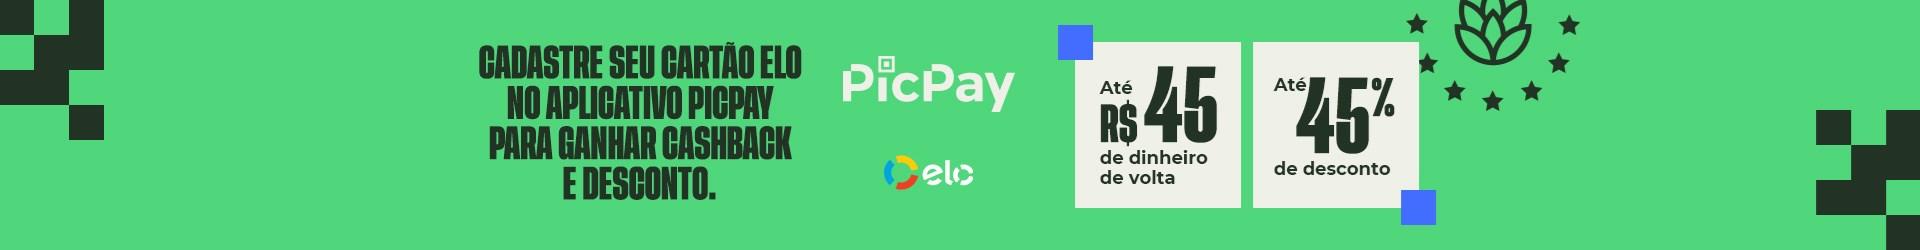 PicPay 2021 - Clube do Malte